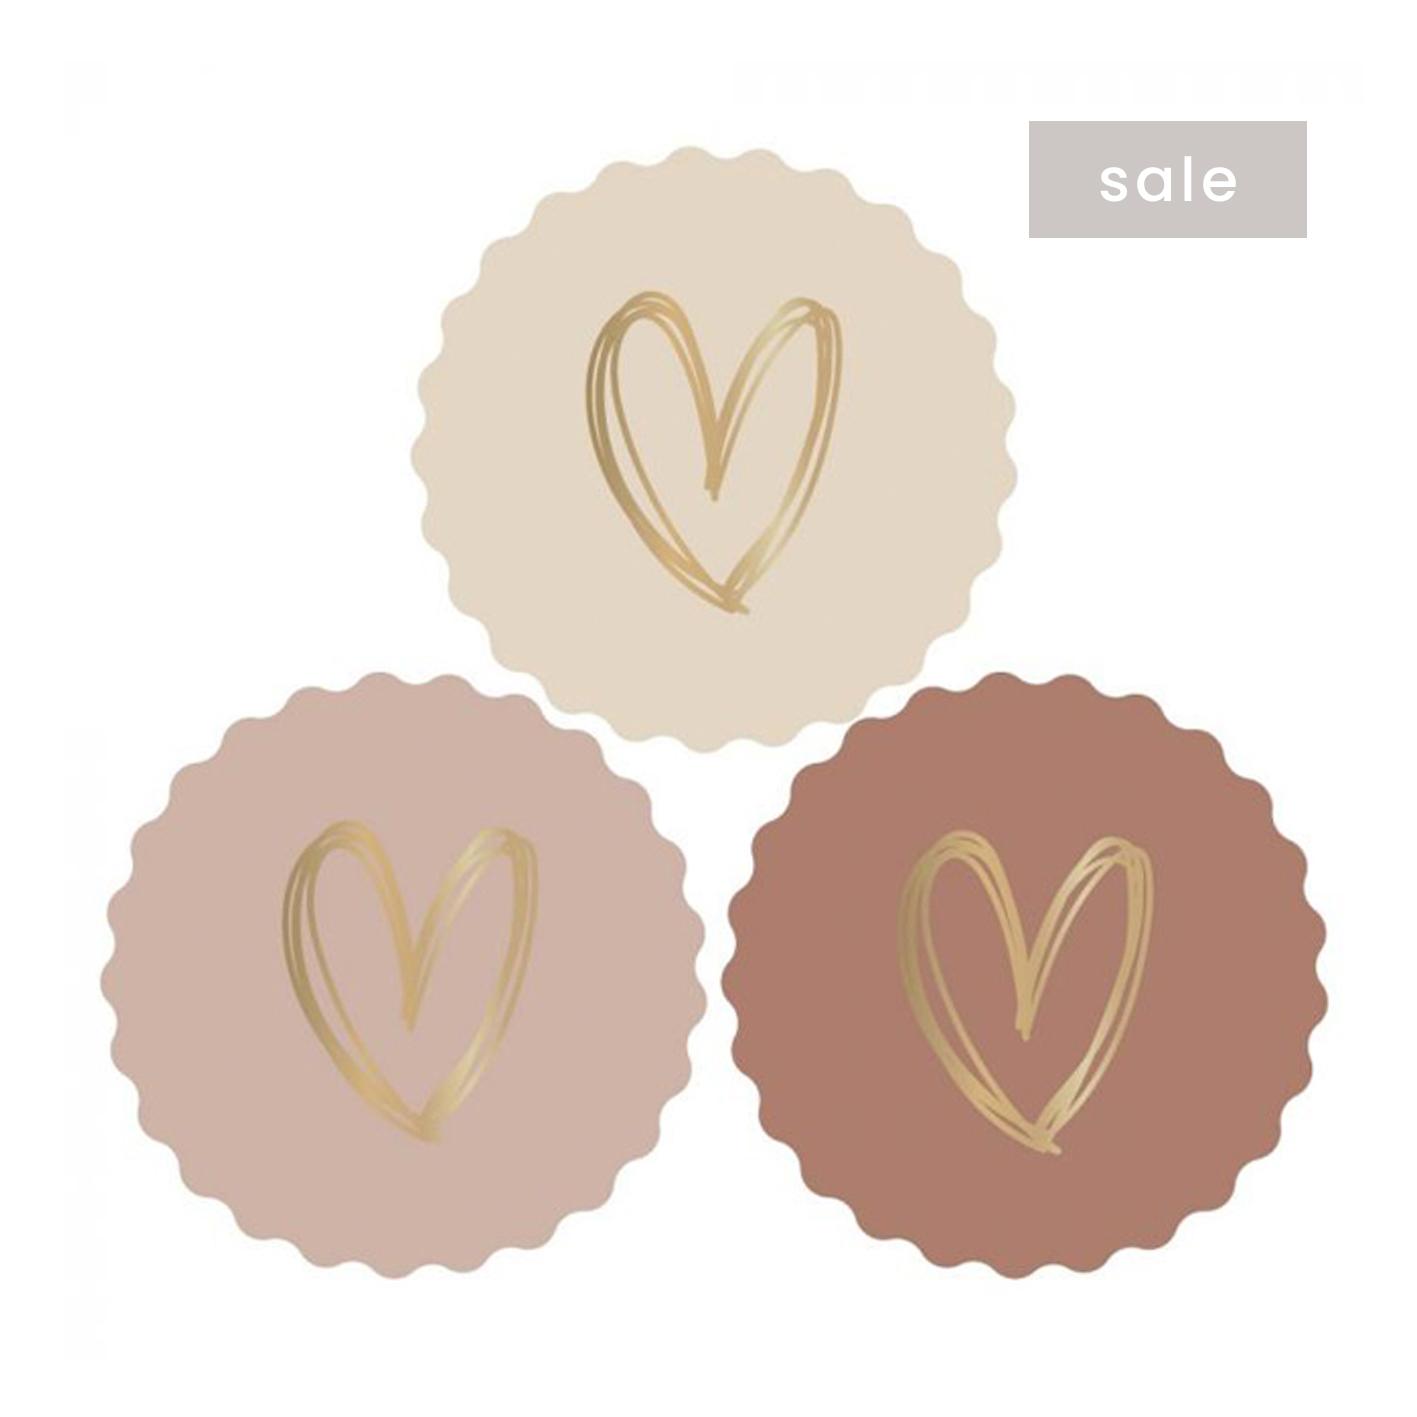 Hart roze sale